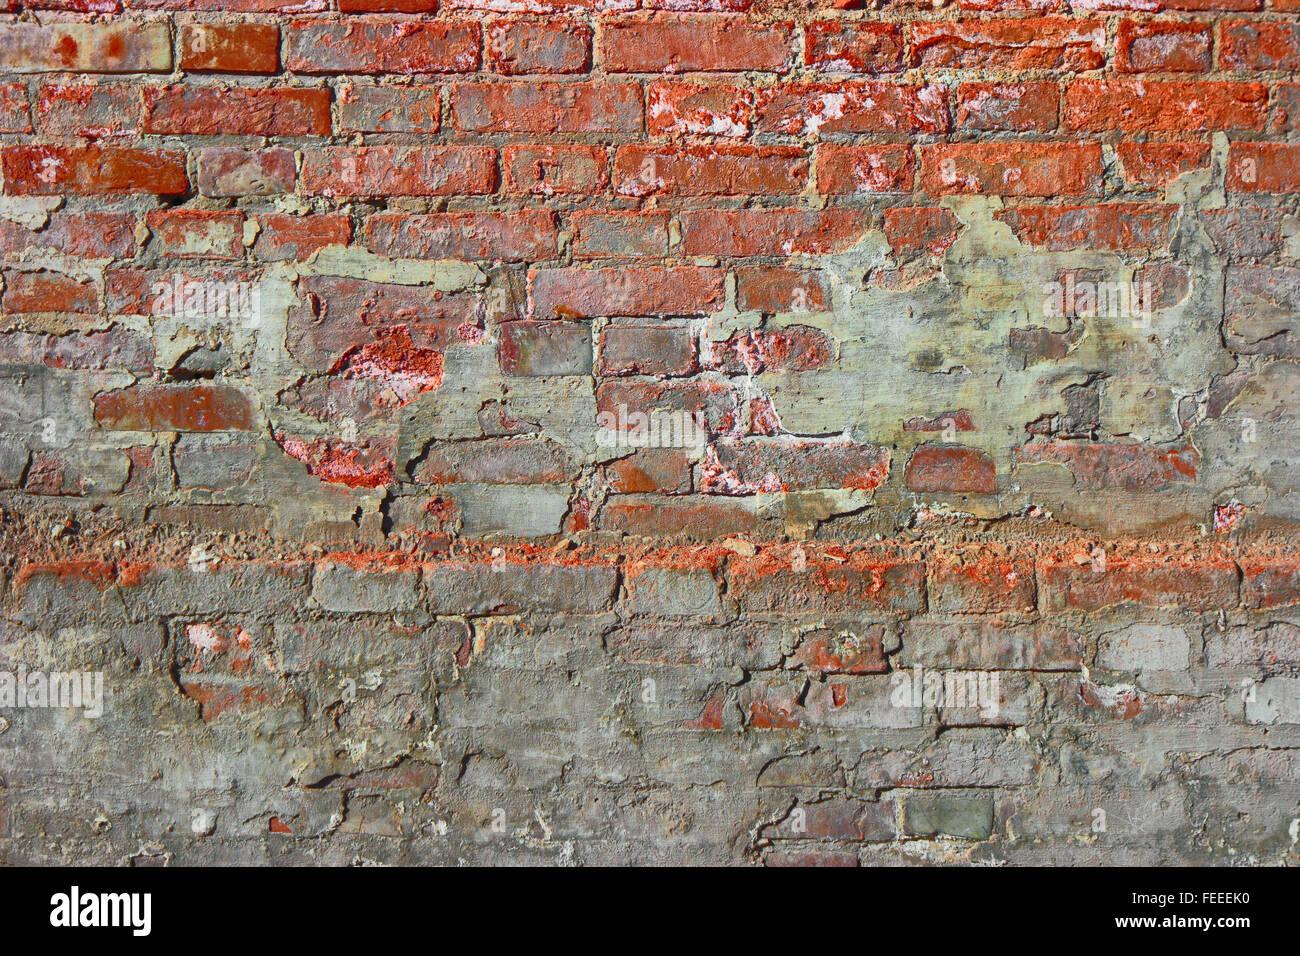 Vecchio danneggiato un muro di mattoni con intonaco. Rosso sporco vecchio muro di mattoni in ...